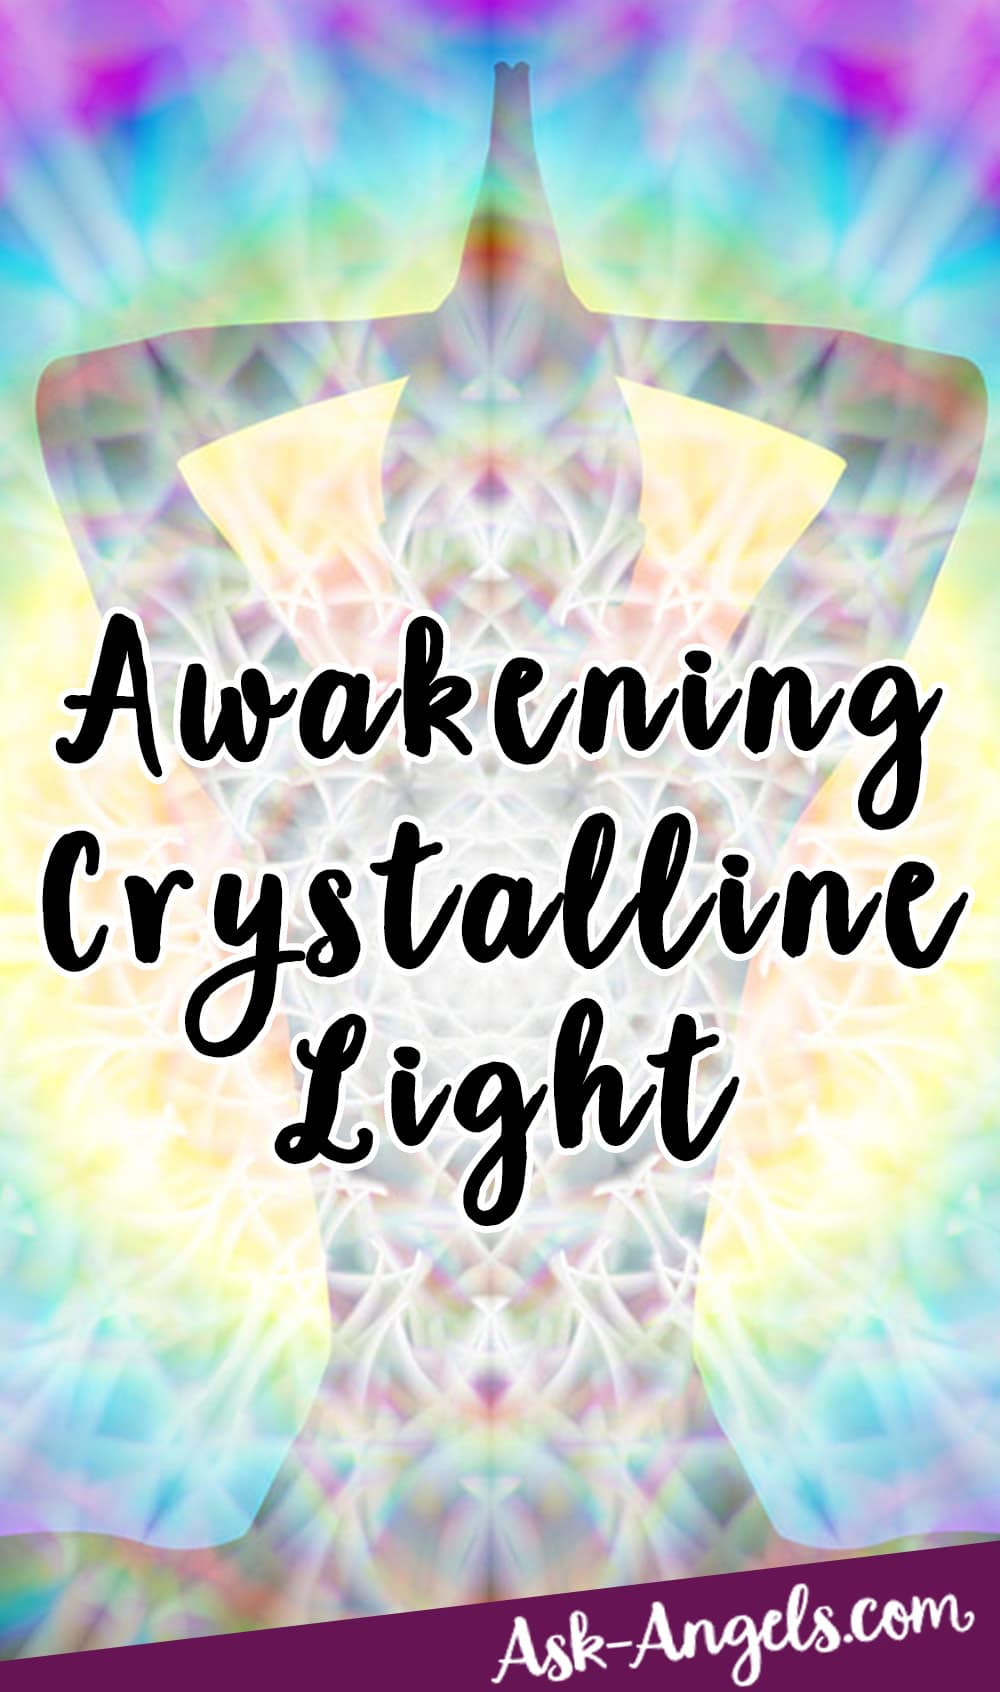 Awakening Crystalline Light